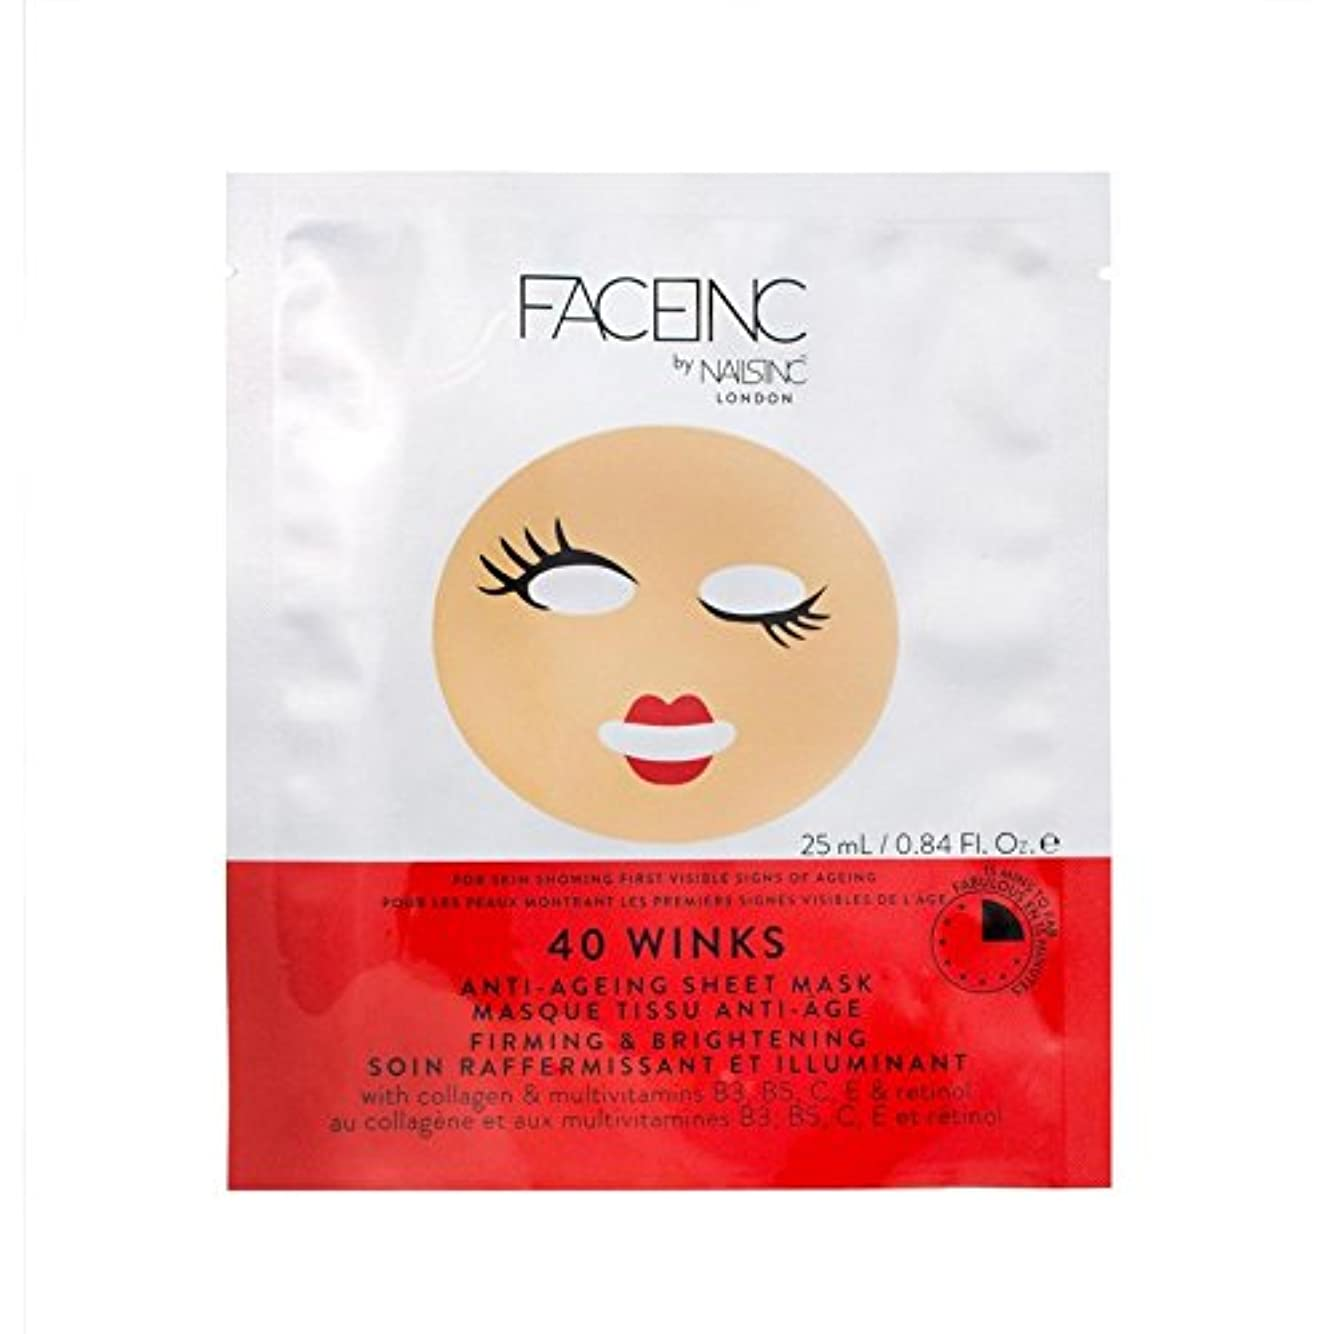 フルーツ遮るフレア爪が株式会社顔株式会社40のウィンクは、マスク x2 - Nails Inc. Face Inc 40 Winks Mask (Pack of 2) [並行輸入品]